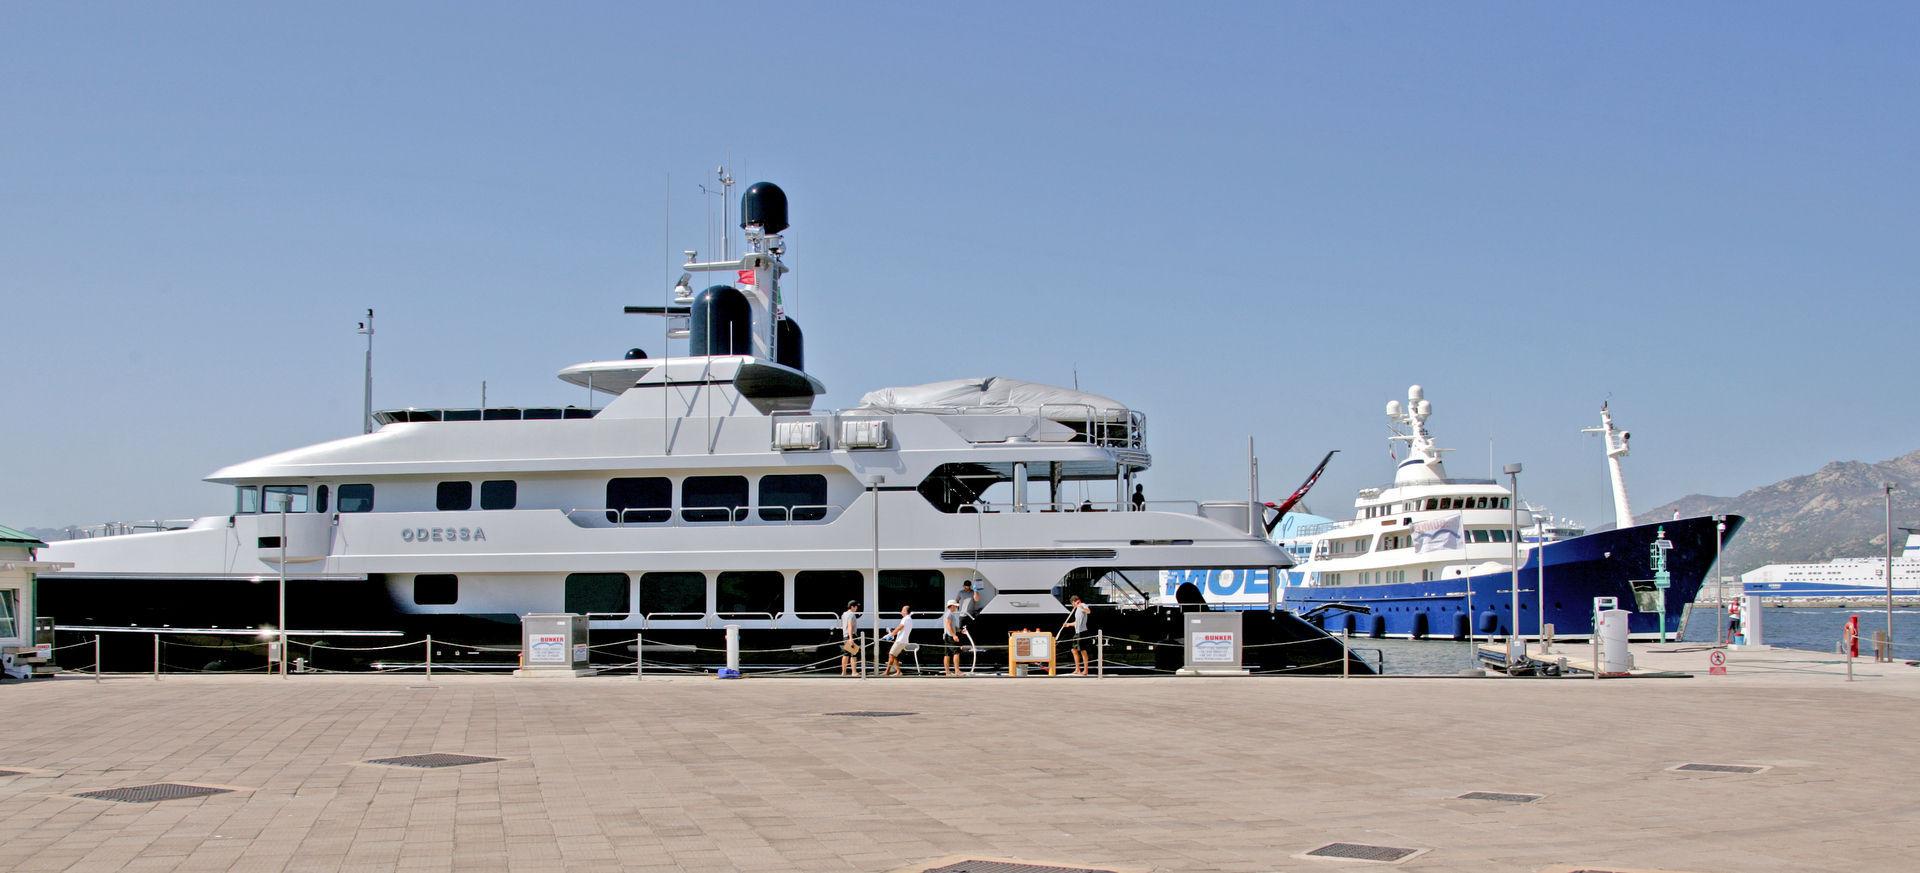 Marina di Olbia - Rifornimento di carburante xz9v1485